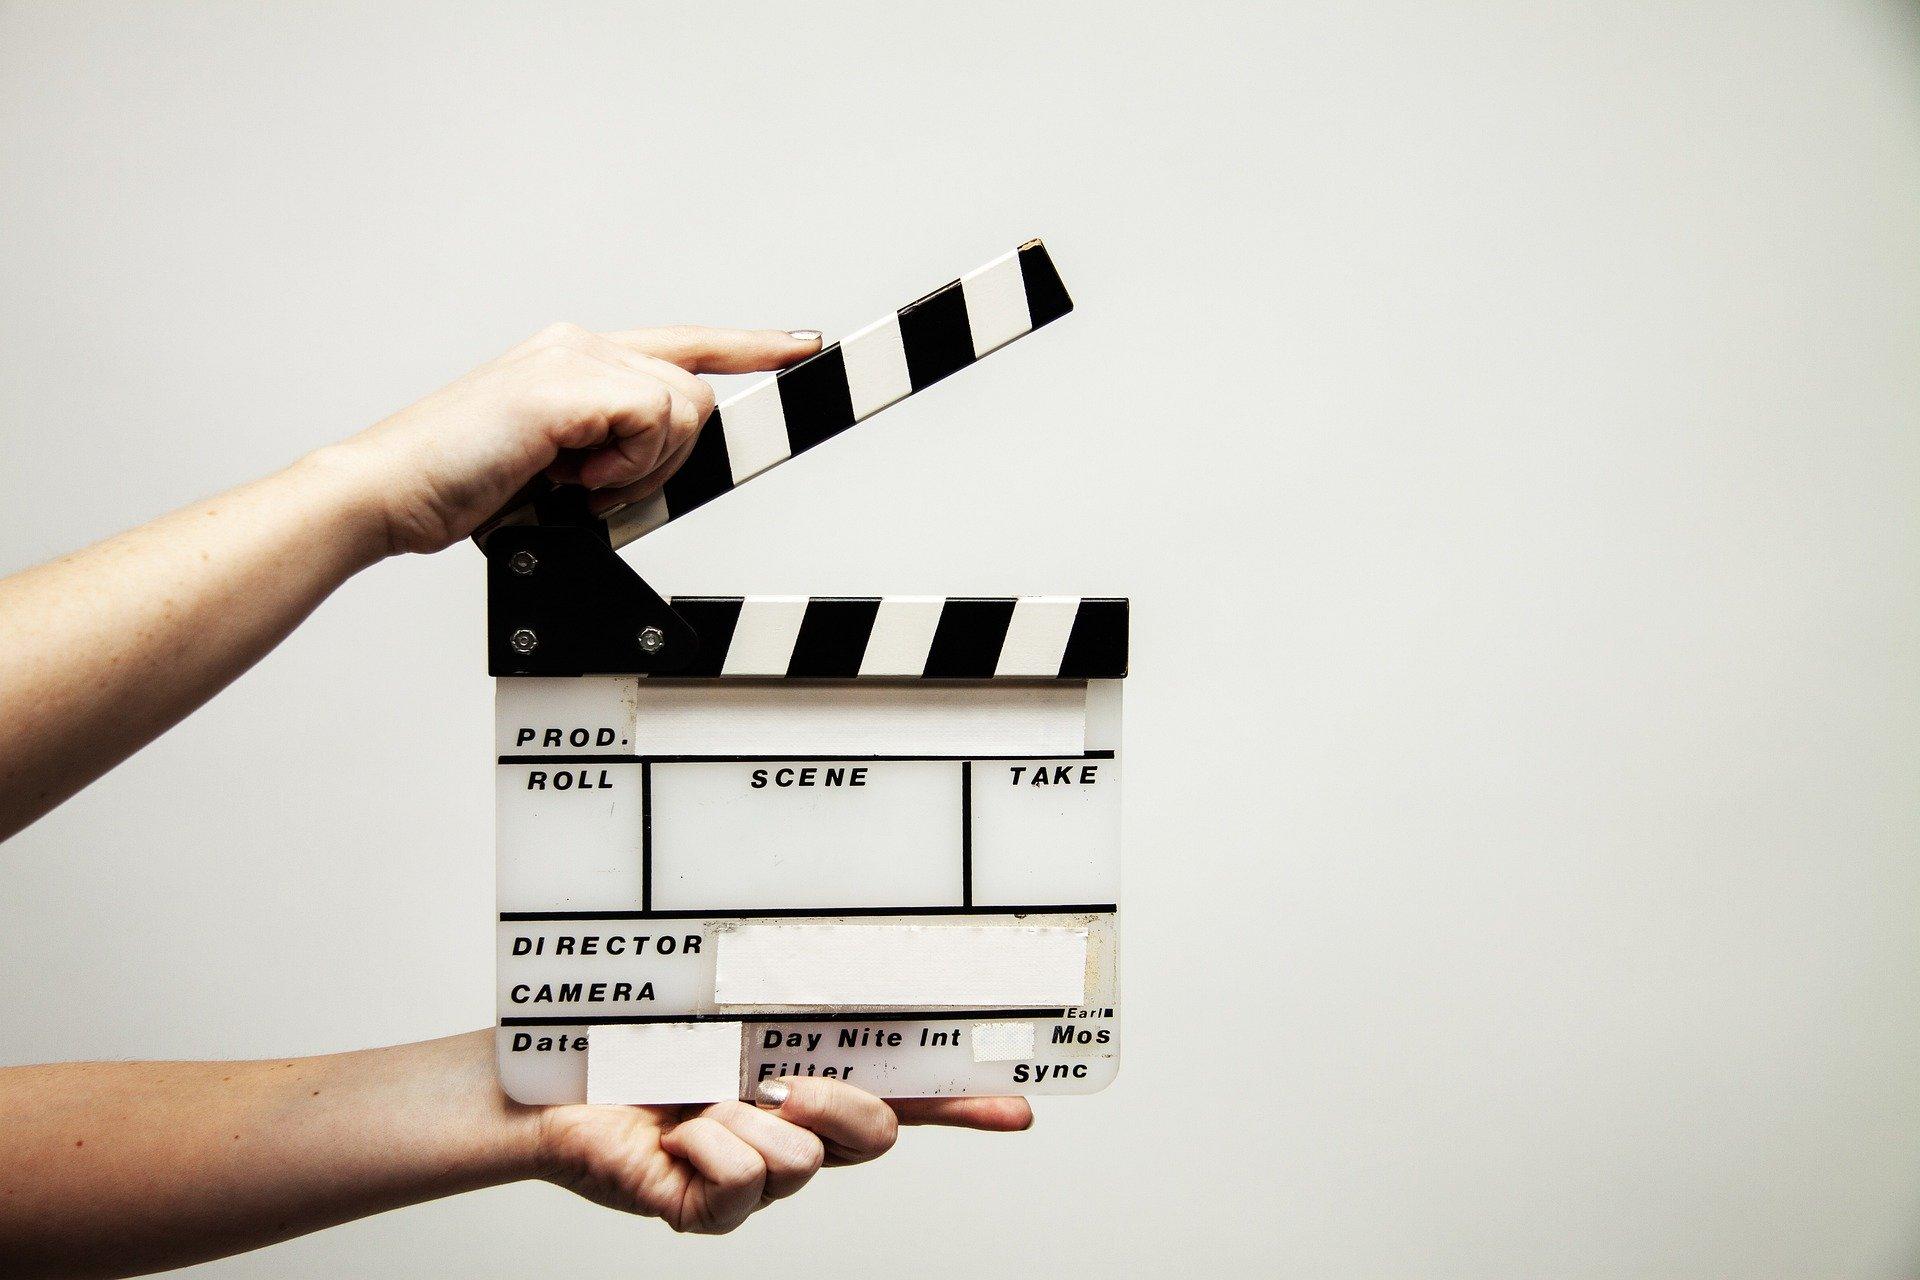 Filmklappe. Dieses Bild leitet einen Blogbeitrag zum Thema Videobotschaften ein.